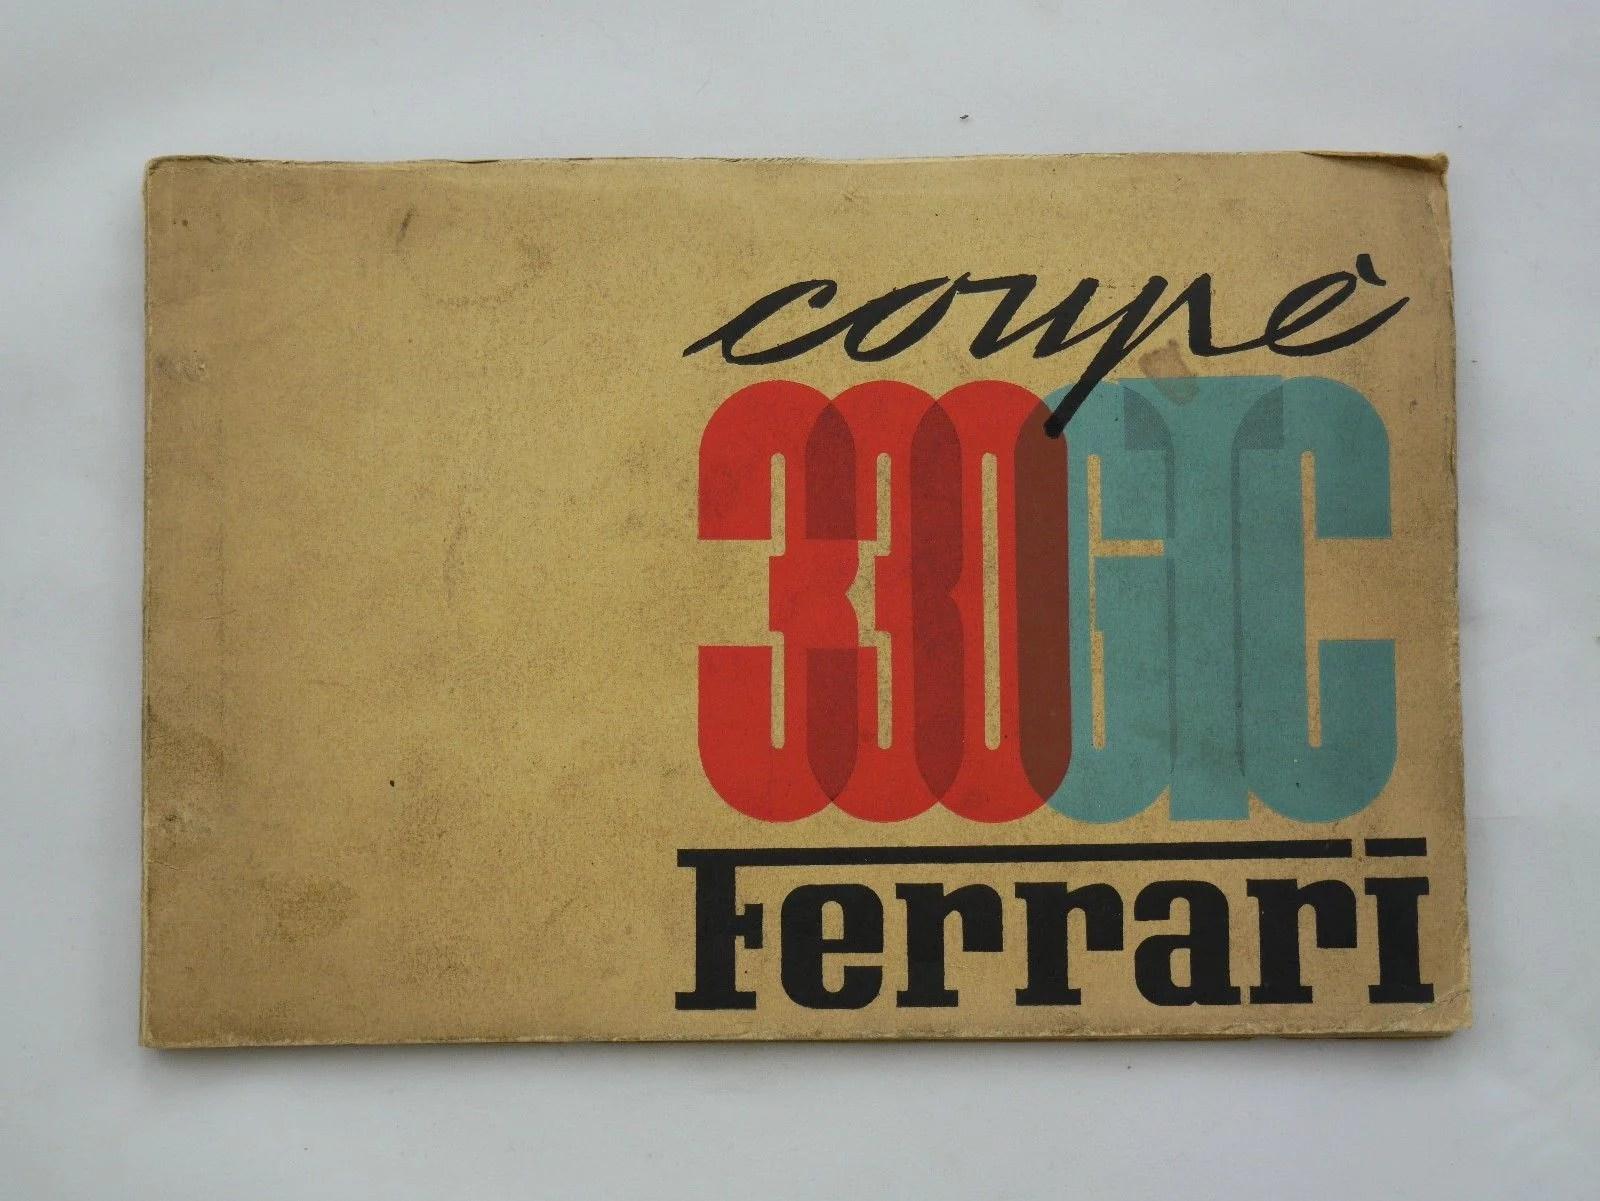 hight resolution of 1967 ferrari 330 gtc spare parts manual 6carb yamaha parts diagram ferrari parts diagram